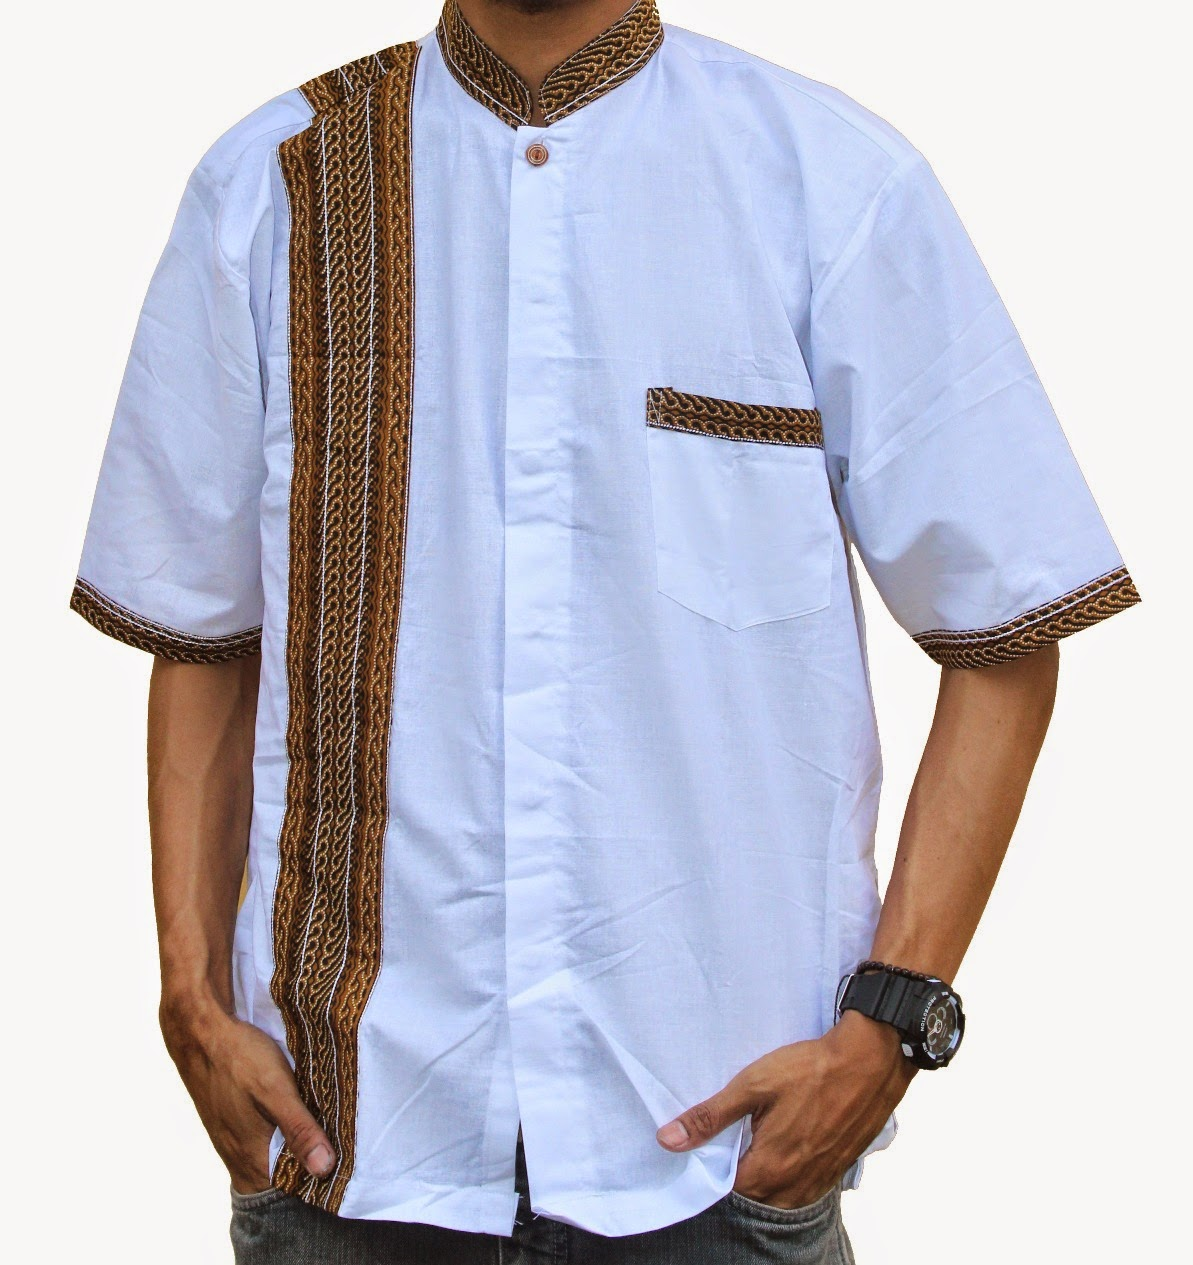 Baju koko dengan motif garis batik